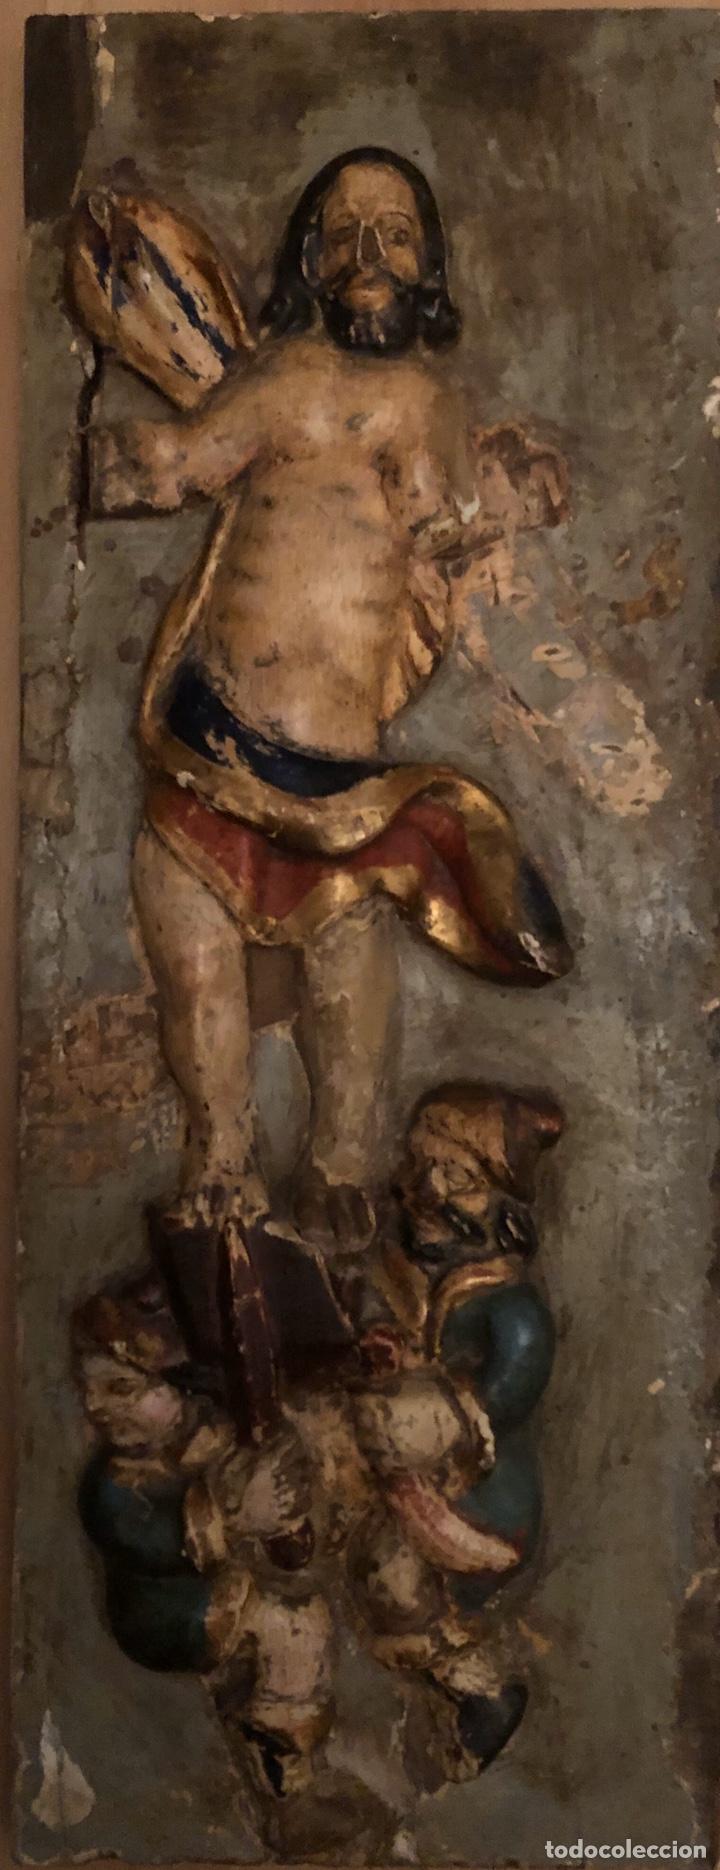 CRISTO SIGLO XVII (Arte - Arte Religioso - Retablos)